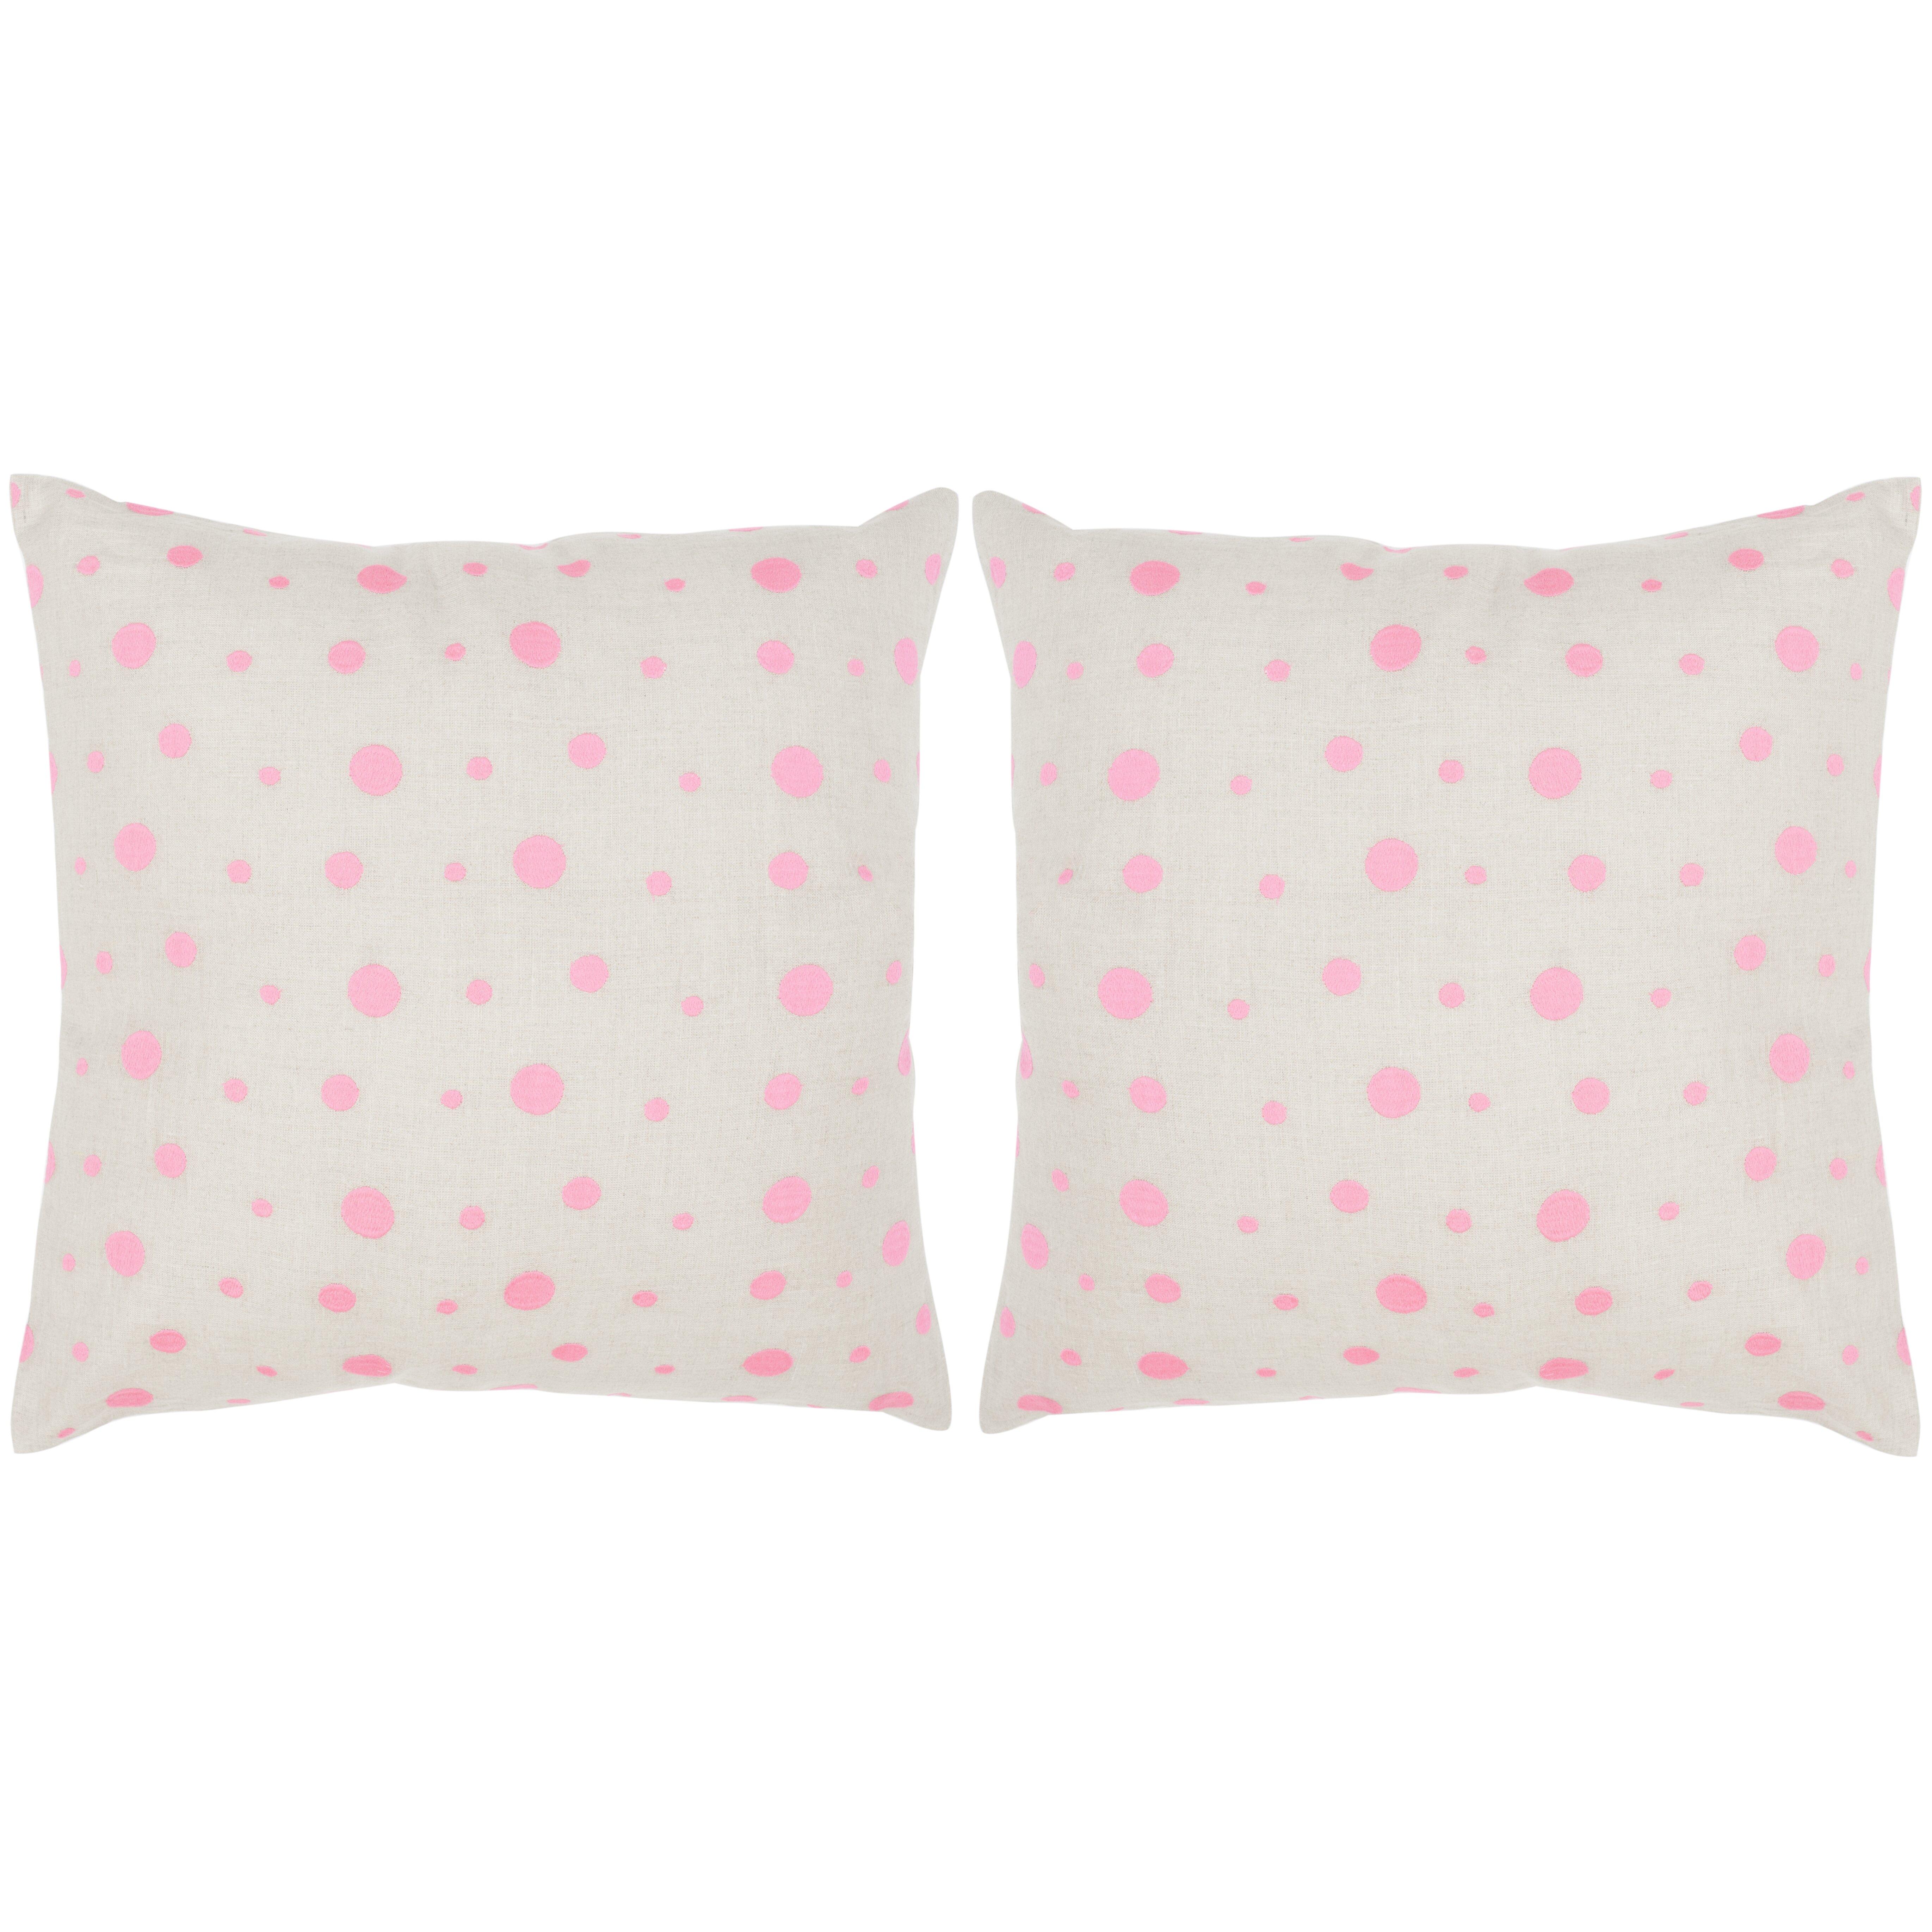 Throw Pillows With Buttons : Safavieh Candy Buttons Linen Throw Pillow Wayfair